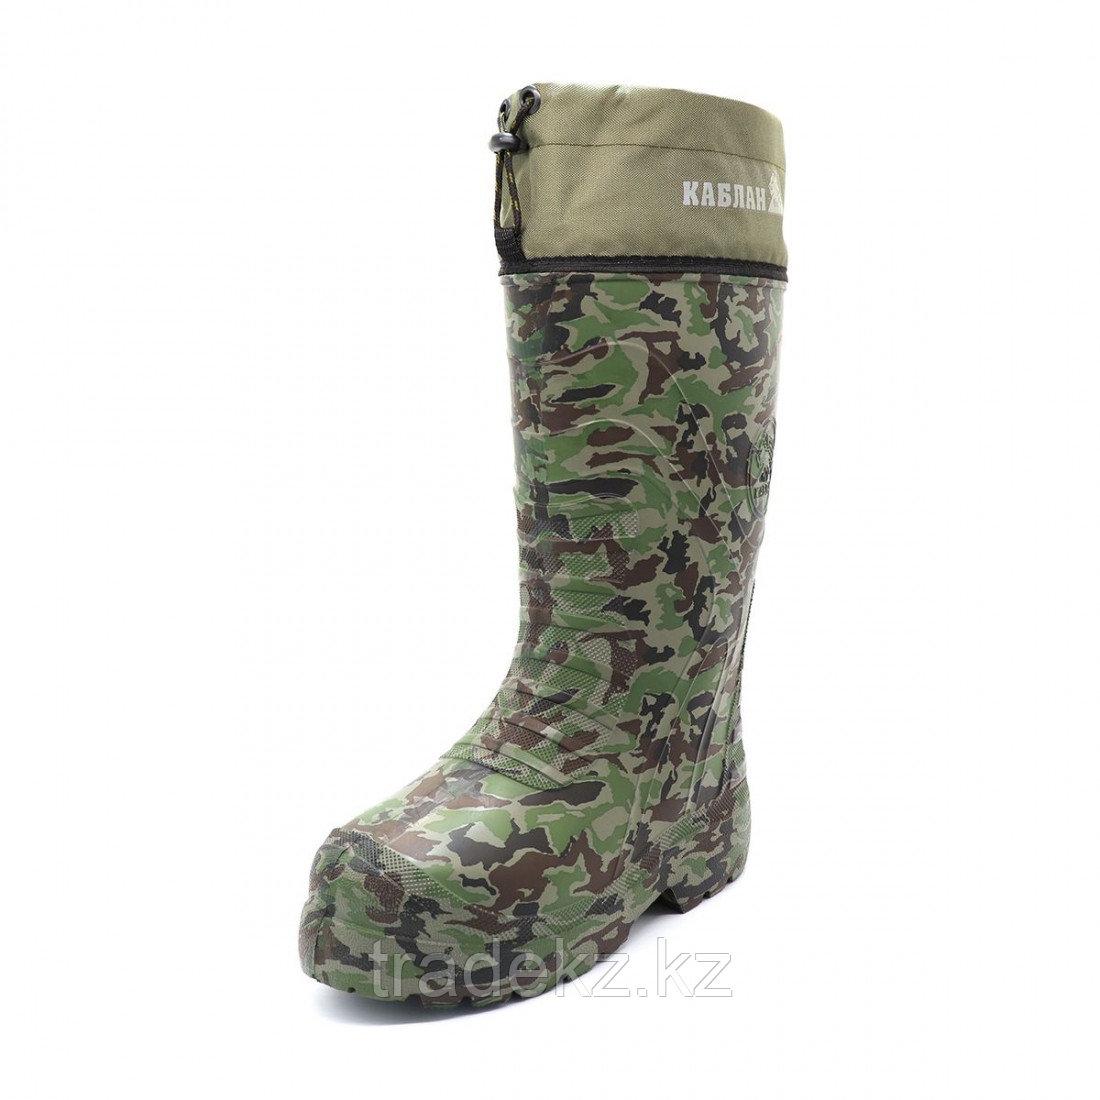 Обувь, сапоги для охоты и рыбалки EVASHOES КАБЛАН ПРИНТ (-55°C), камуфляж, размер 42